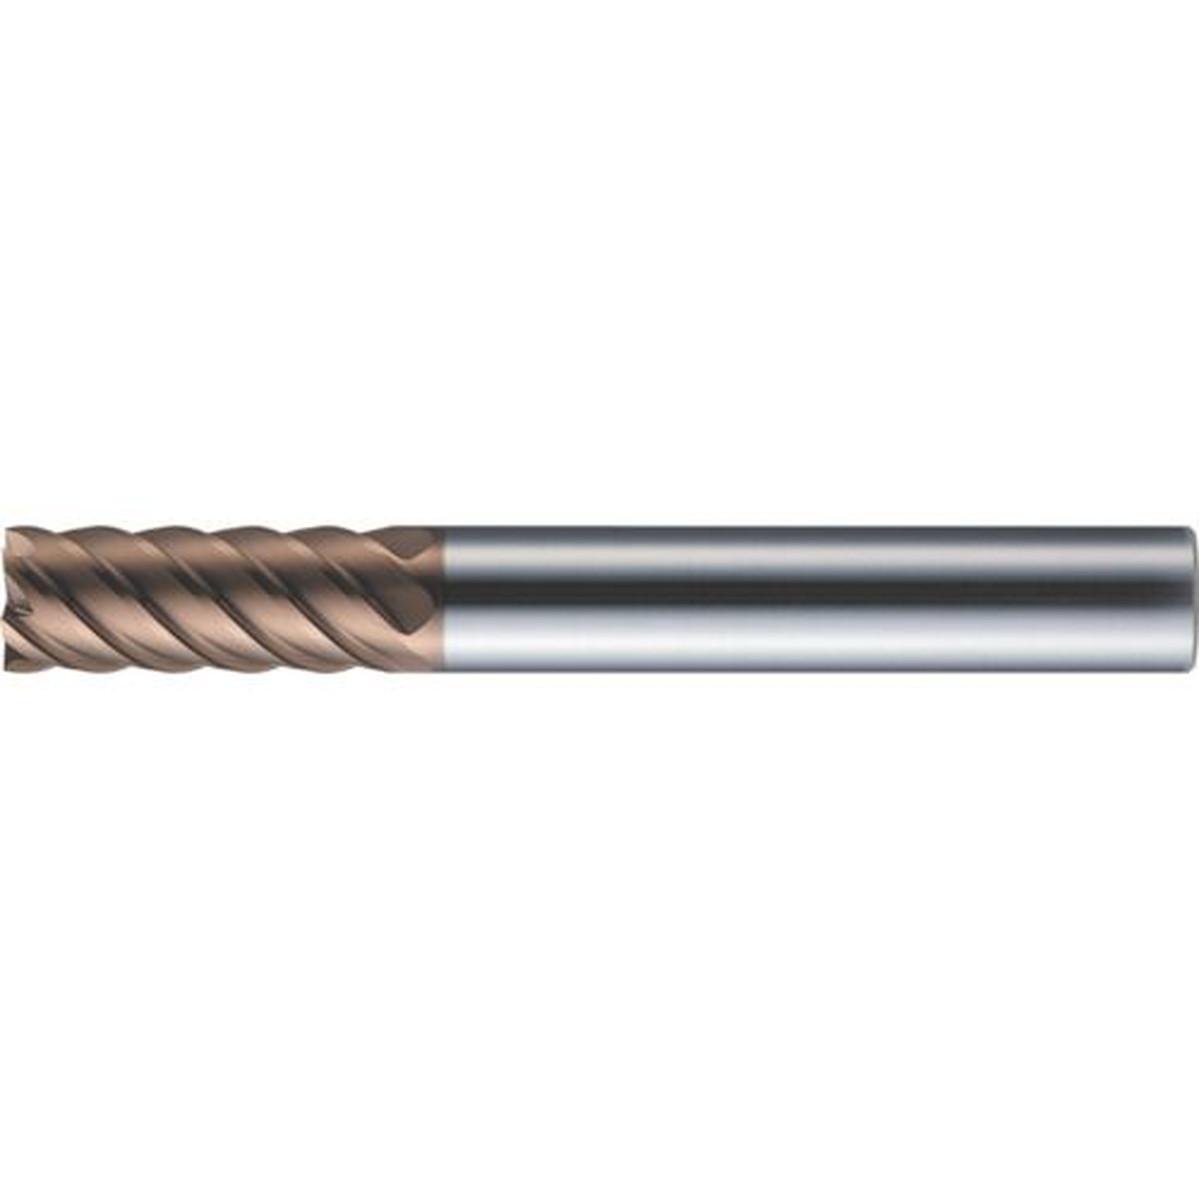 人気ブランド MOLDINO エポックTHハード エポックTHハード レギュラー刃 1本 レギュラー刃 CEPR6060-TH 1本, ニシアワクラソン:f40a4315 --- bungsu.net